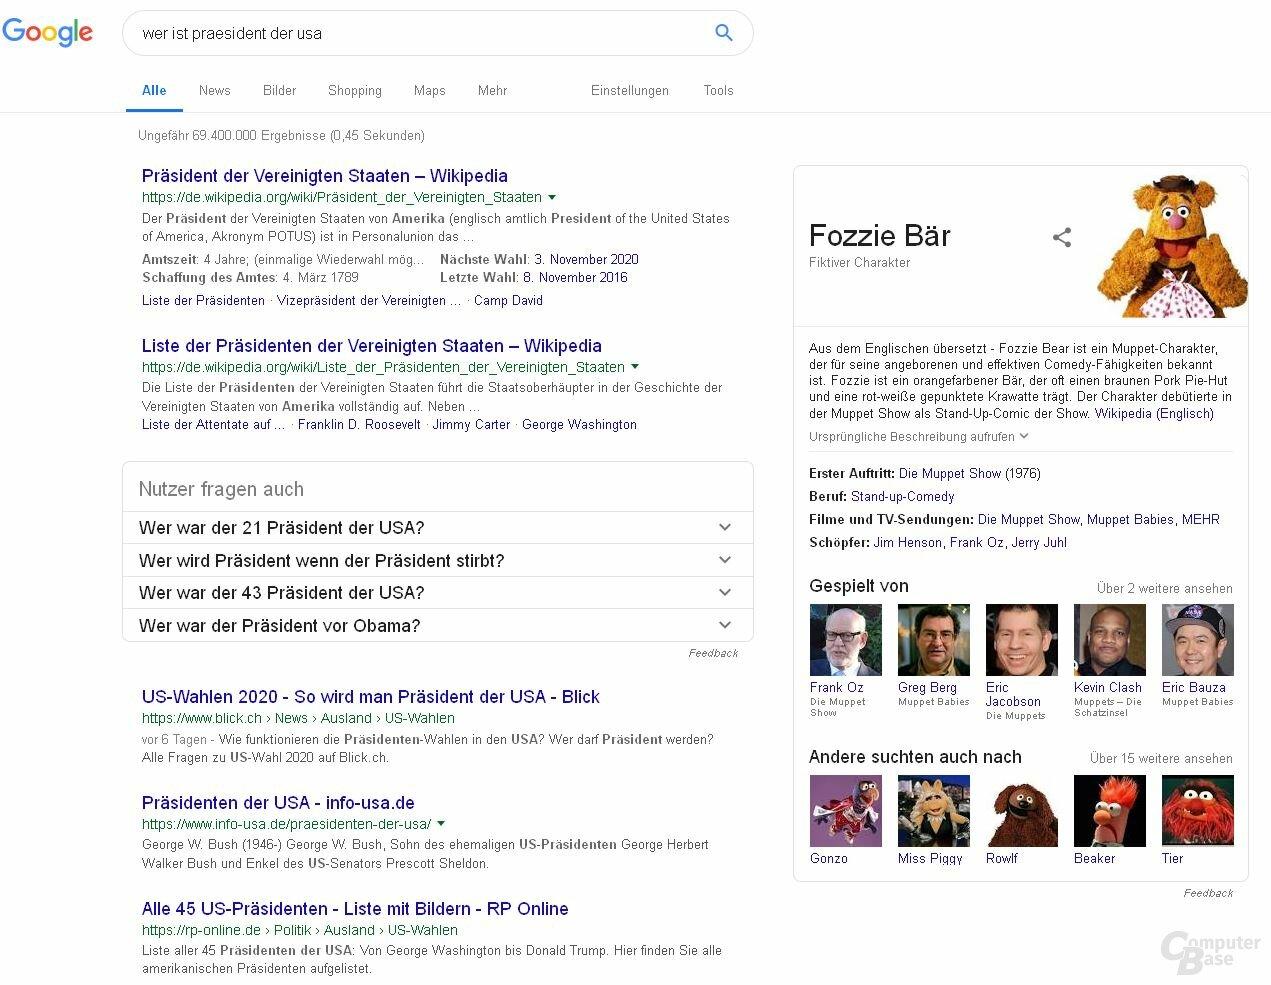 Informationen lassen sich bei Googles Websuche leicht verändert